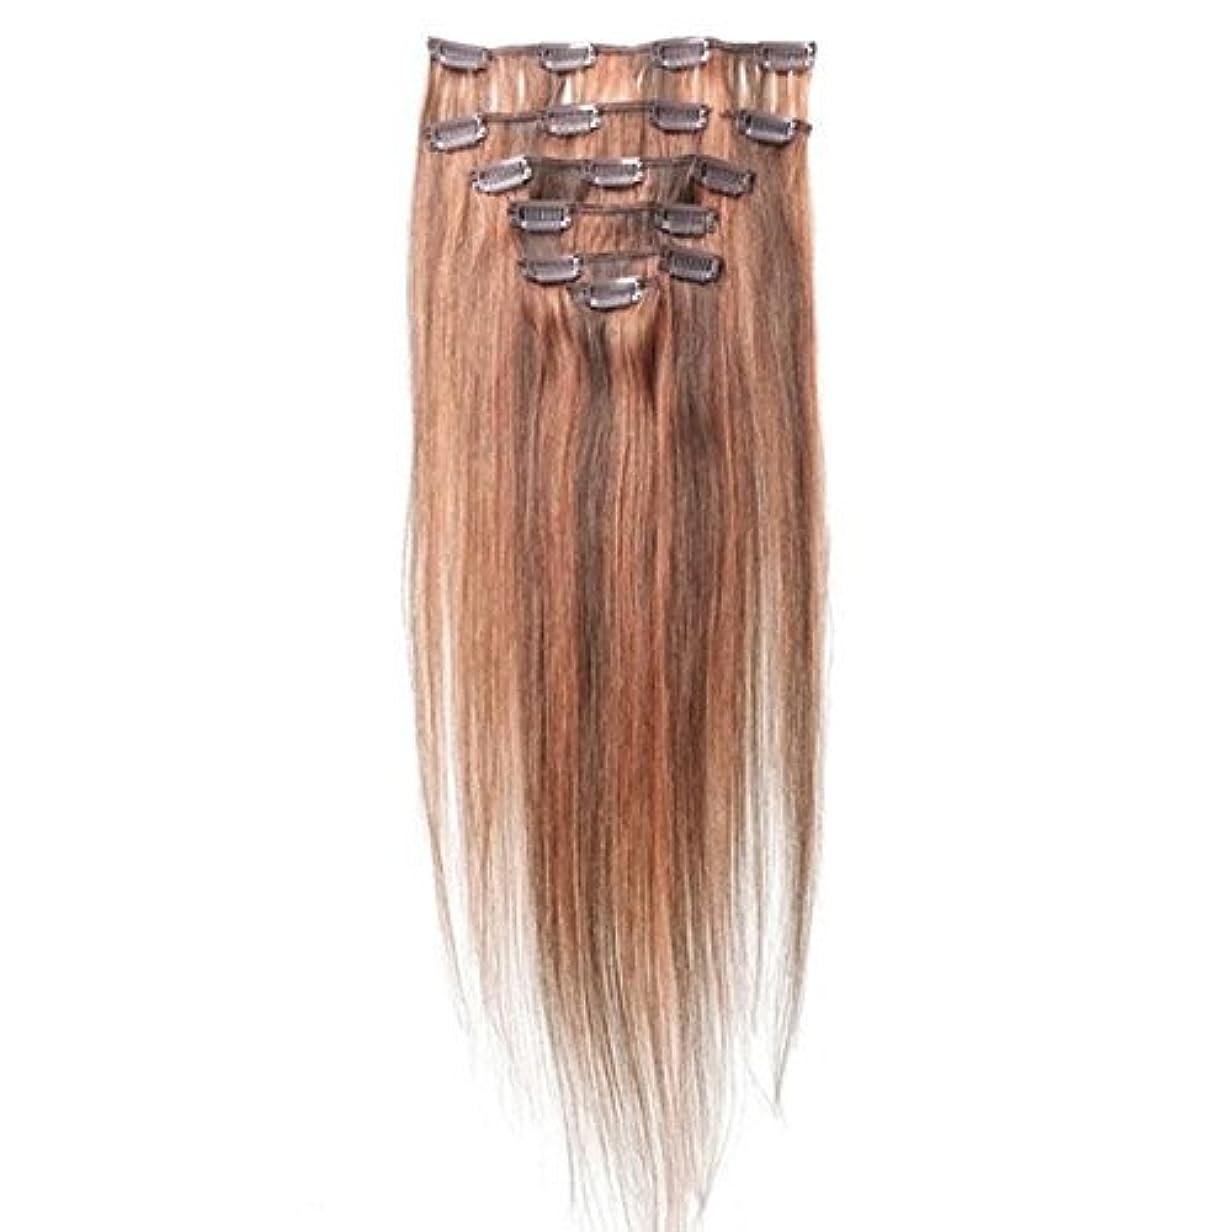 土砂降り気晴らし責任ヘアエクステンション,SODIAL(R) 女性の人間の髪 クリップインヘアエクステンション 7件 70g 20インチ キャメルブラウン+レッド